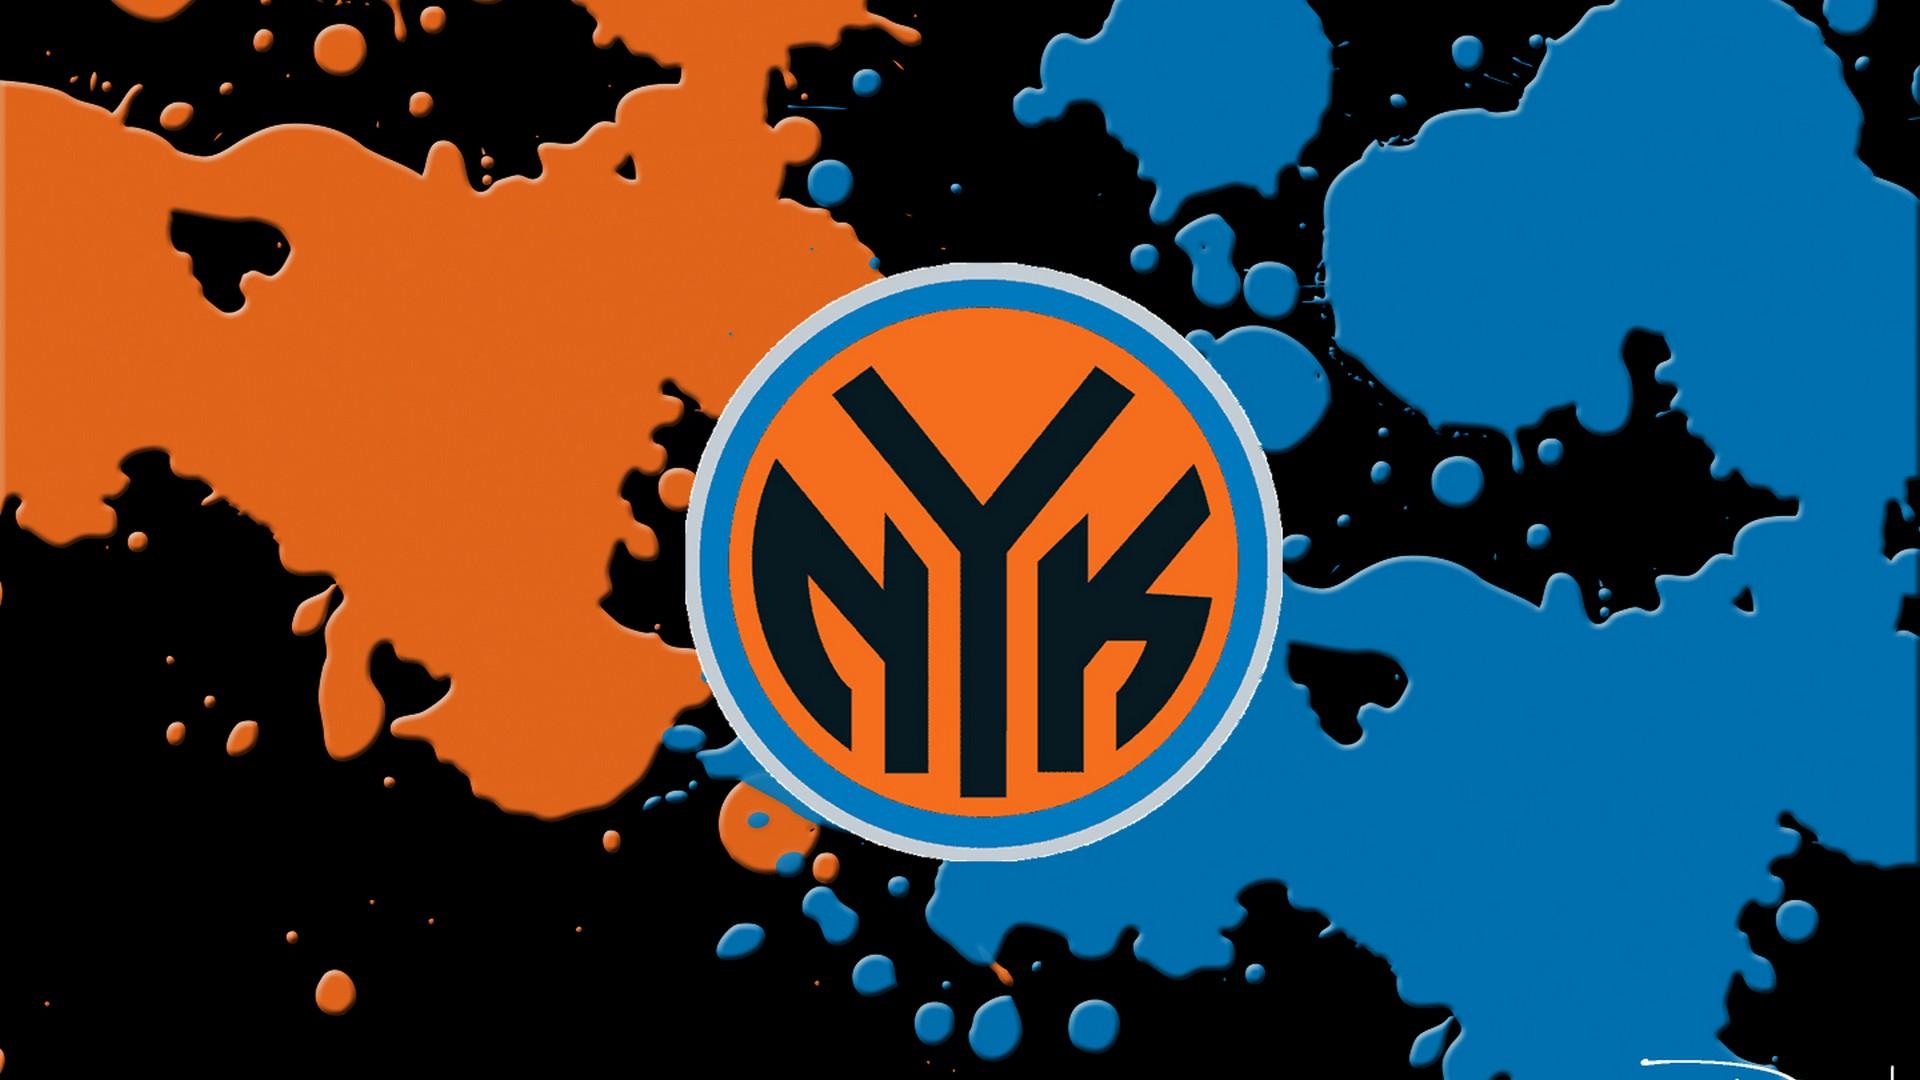 HD Desktop Wallpaper NY Knicks 2019 Basketball Wallpaper 1920x1080